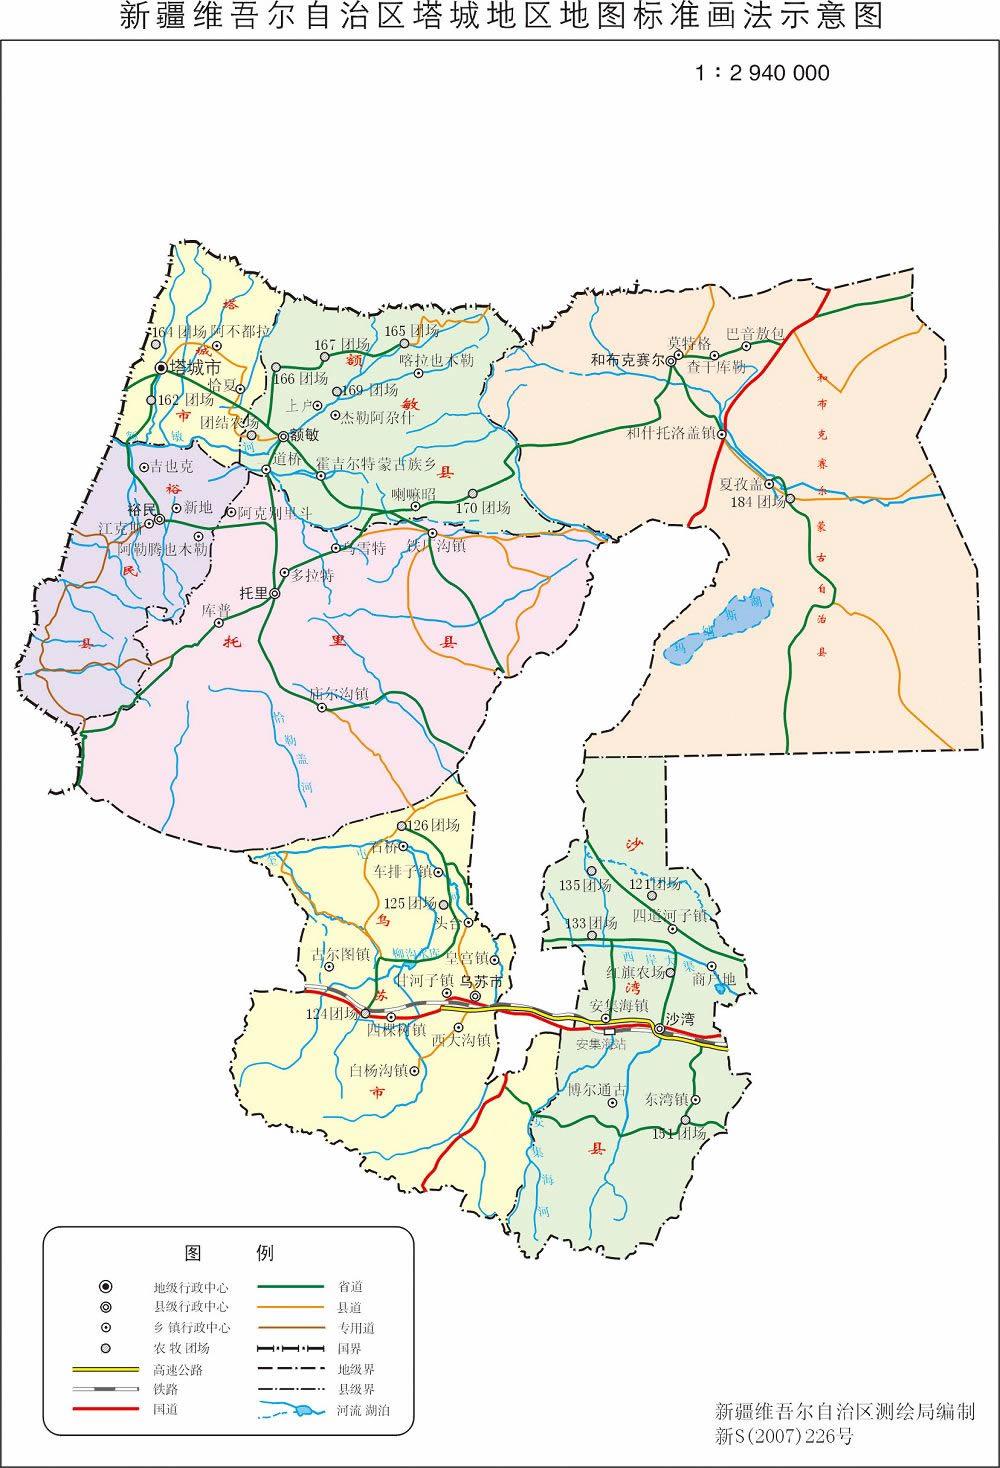 塔城地区地图 塔城地区街道地图